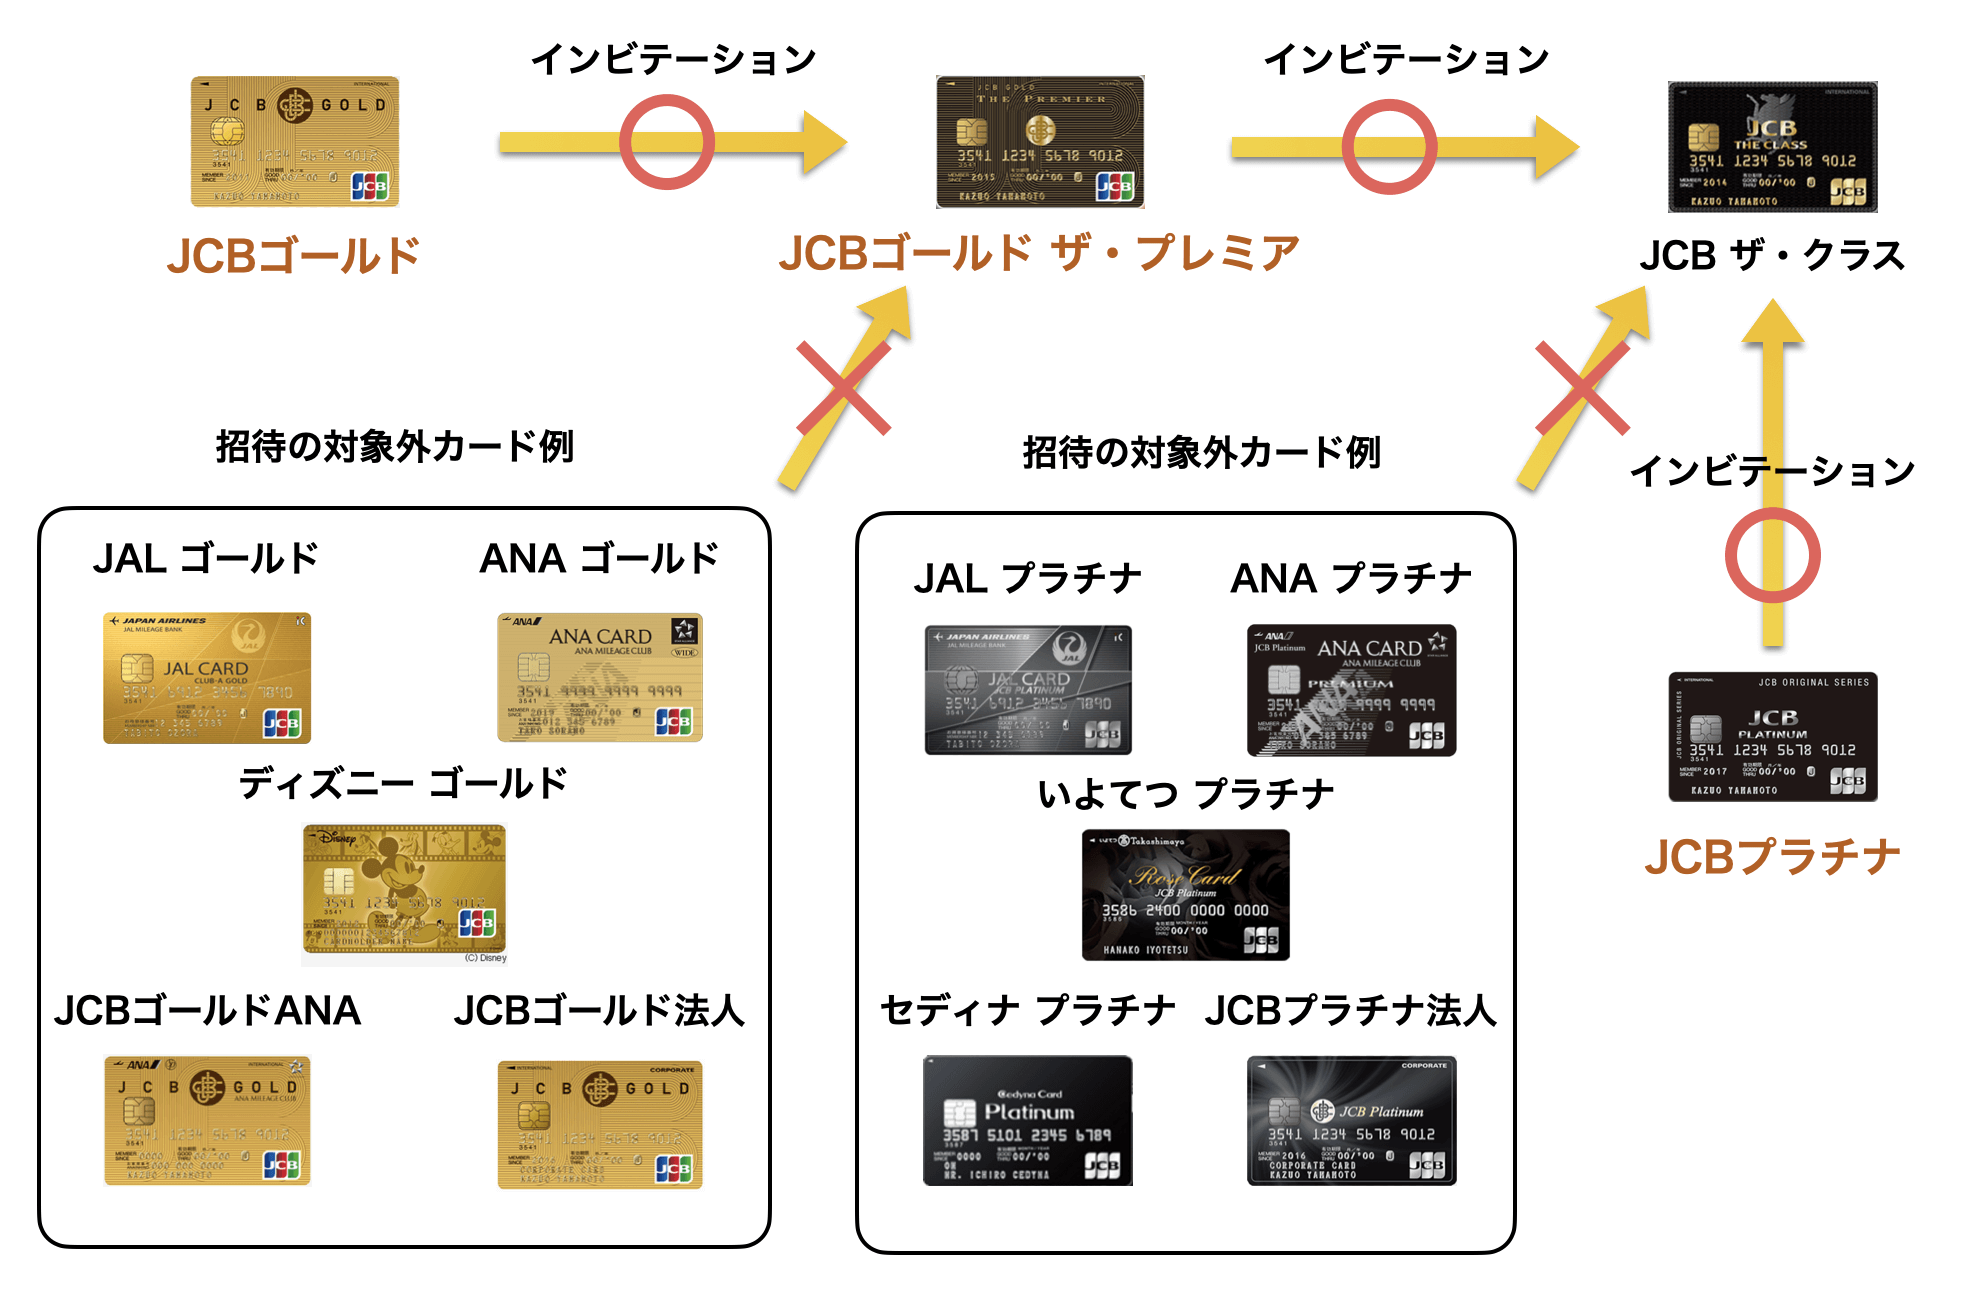 JCBゴールド招待の対象カード・対象外カード(2020年版)